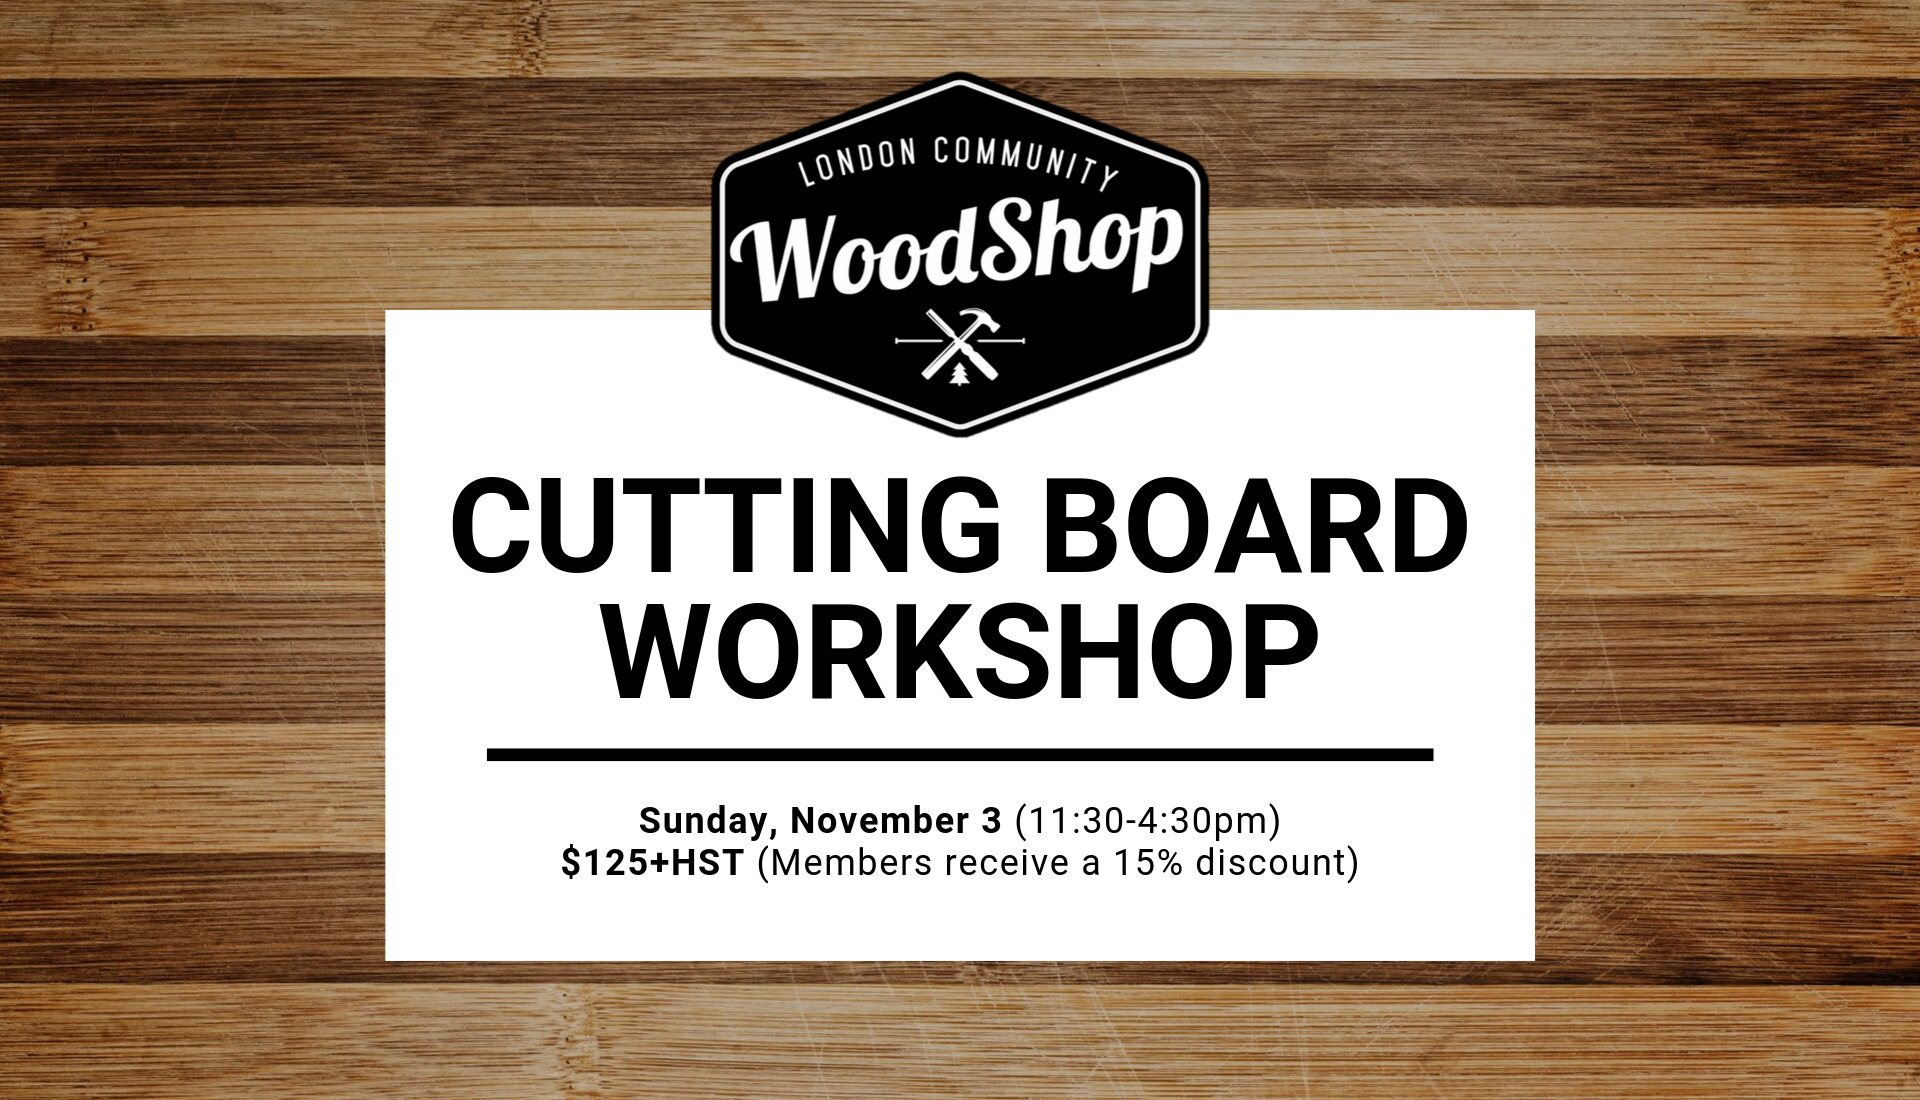 Cutting Board - Nov 3